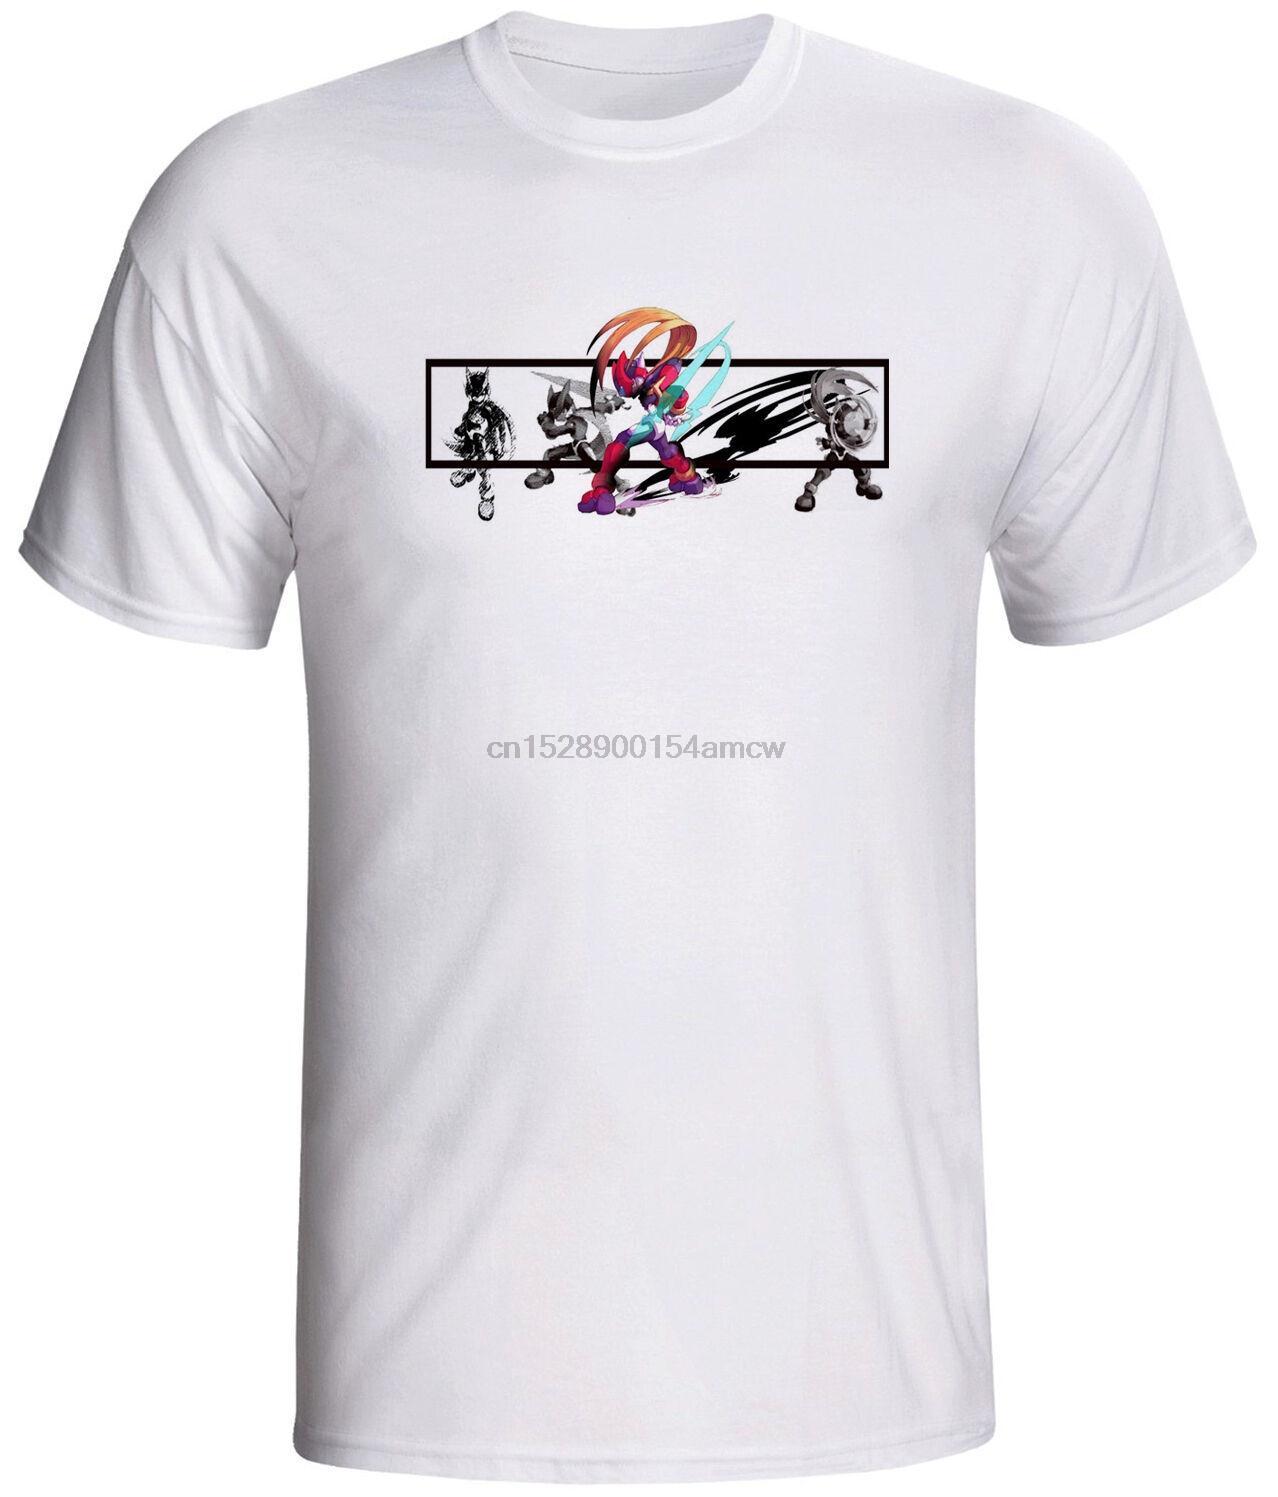 мега человек рубашка игра ноль ретро видео